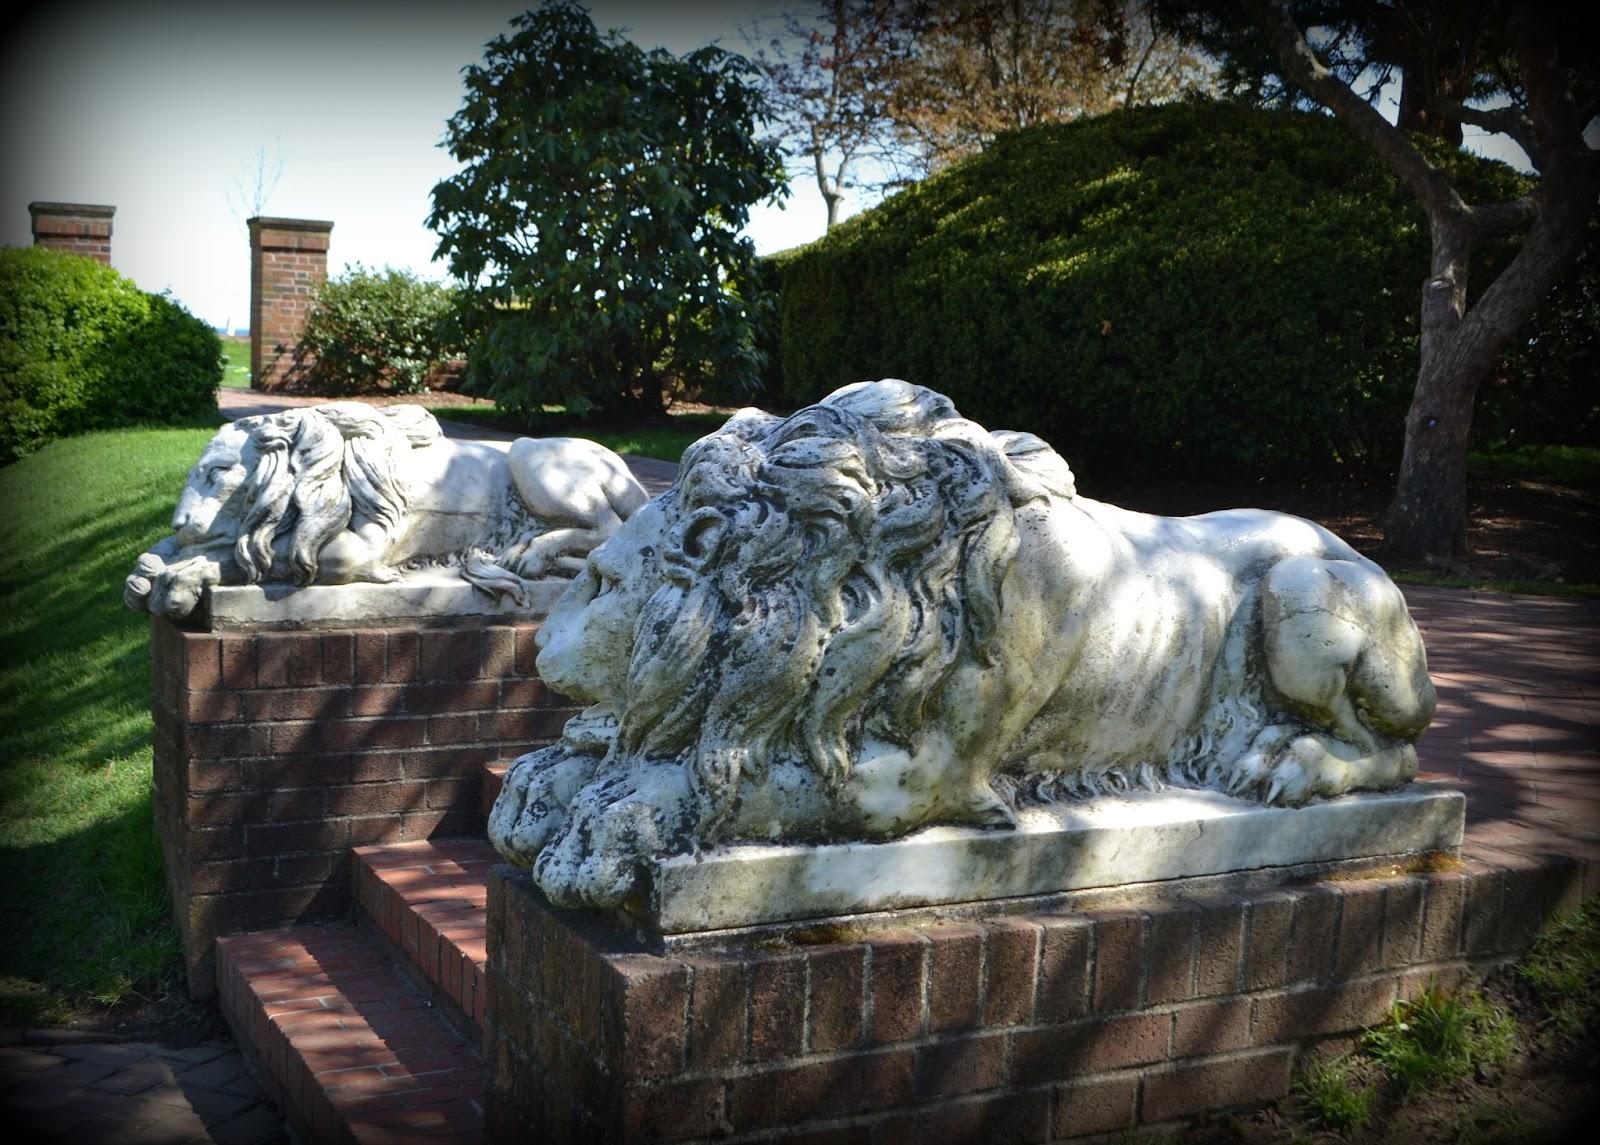 marble, lions, sculpture, outdoor, garden, lynch park, beverly, massachusetts